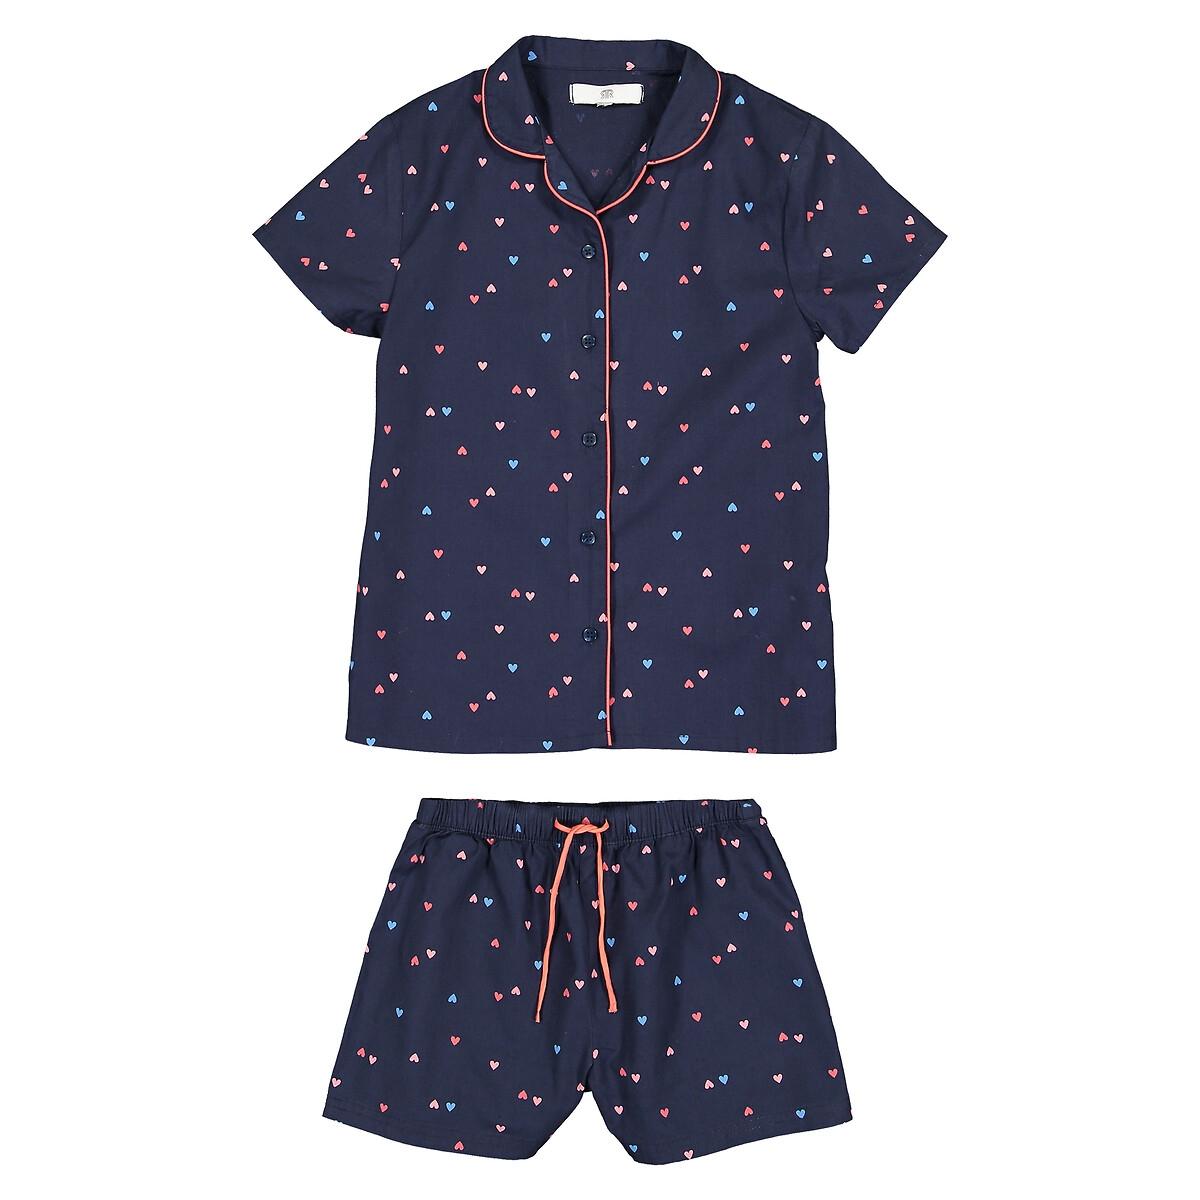 Пижама La Redoute С принтом сердечки 6 лет - 114 см синий полосатые la redoute шорты от до лет 6 лет 114 см синий